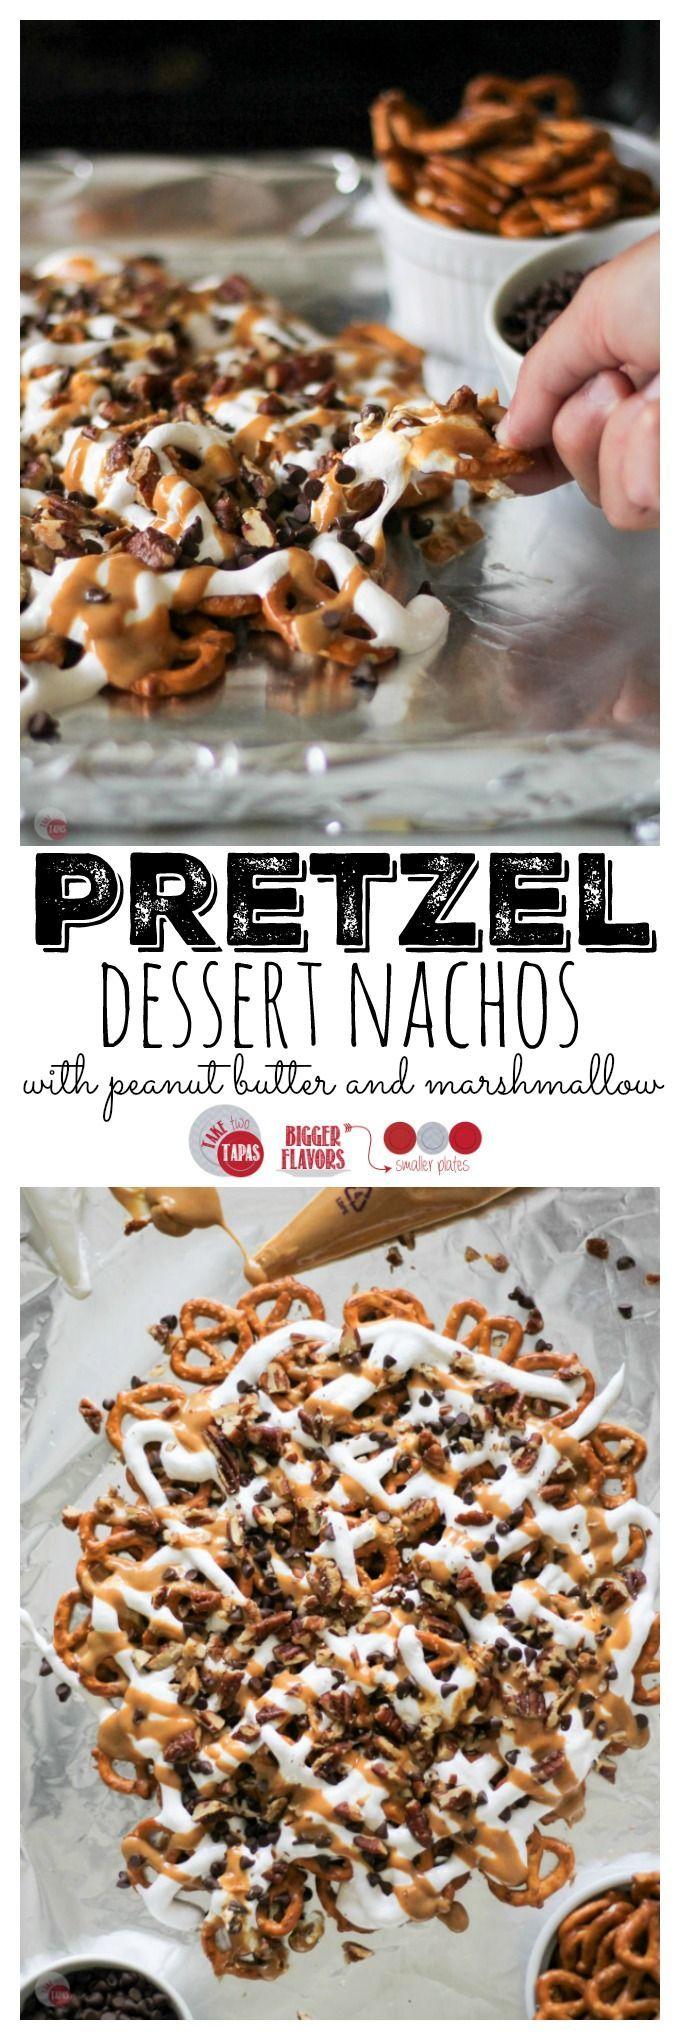 Pretzel Dessert Nachos to Share with Friends!